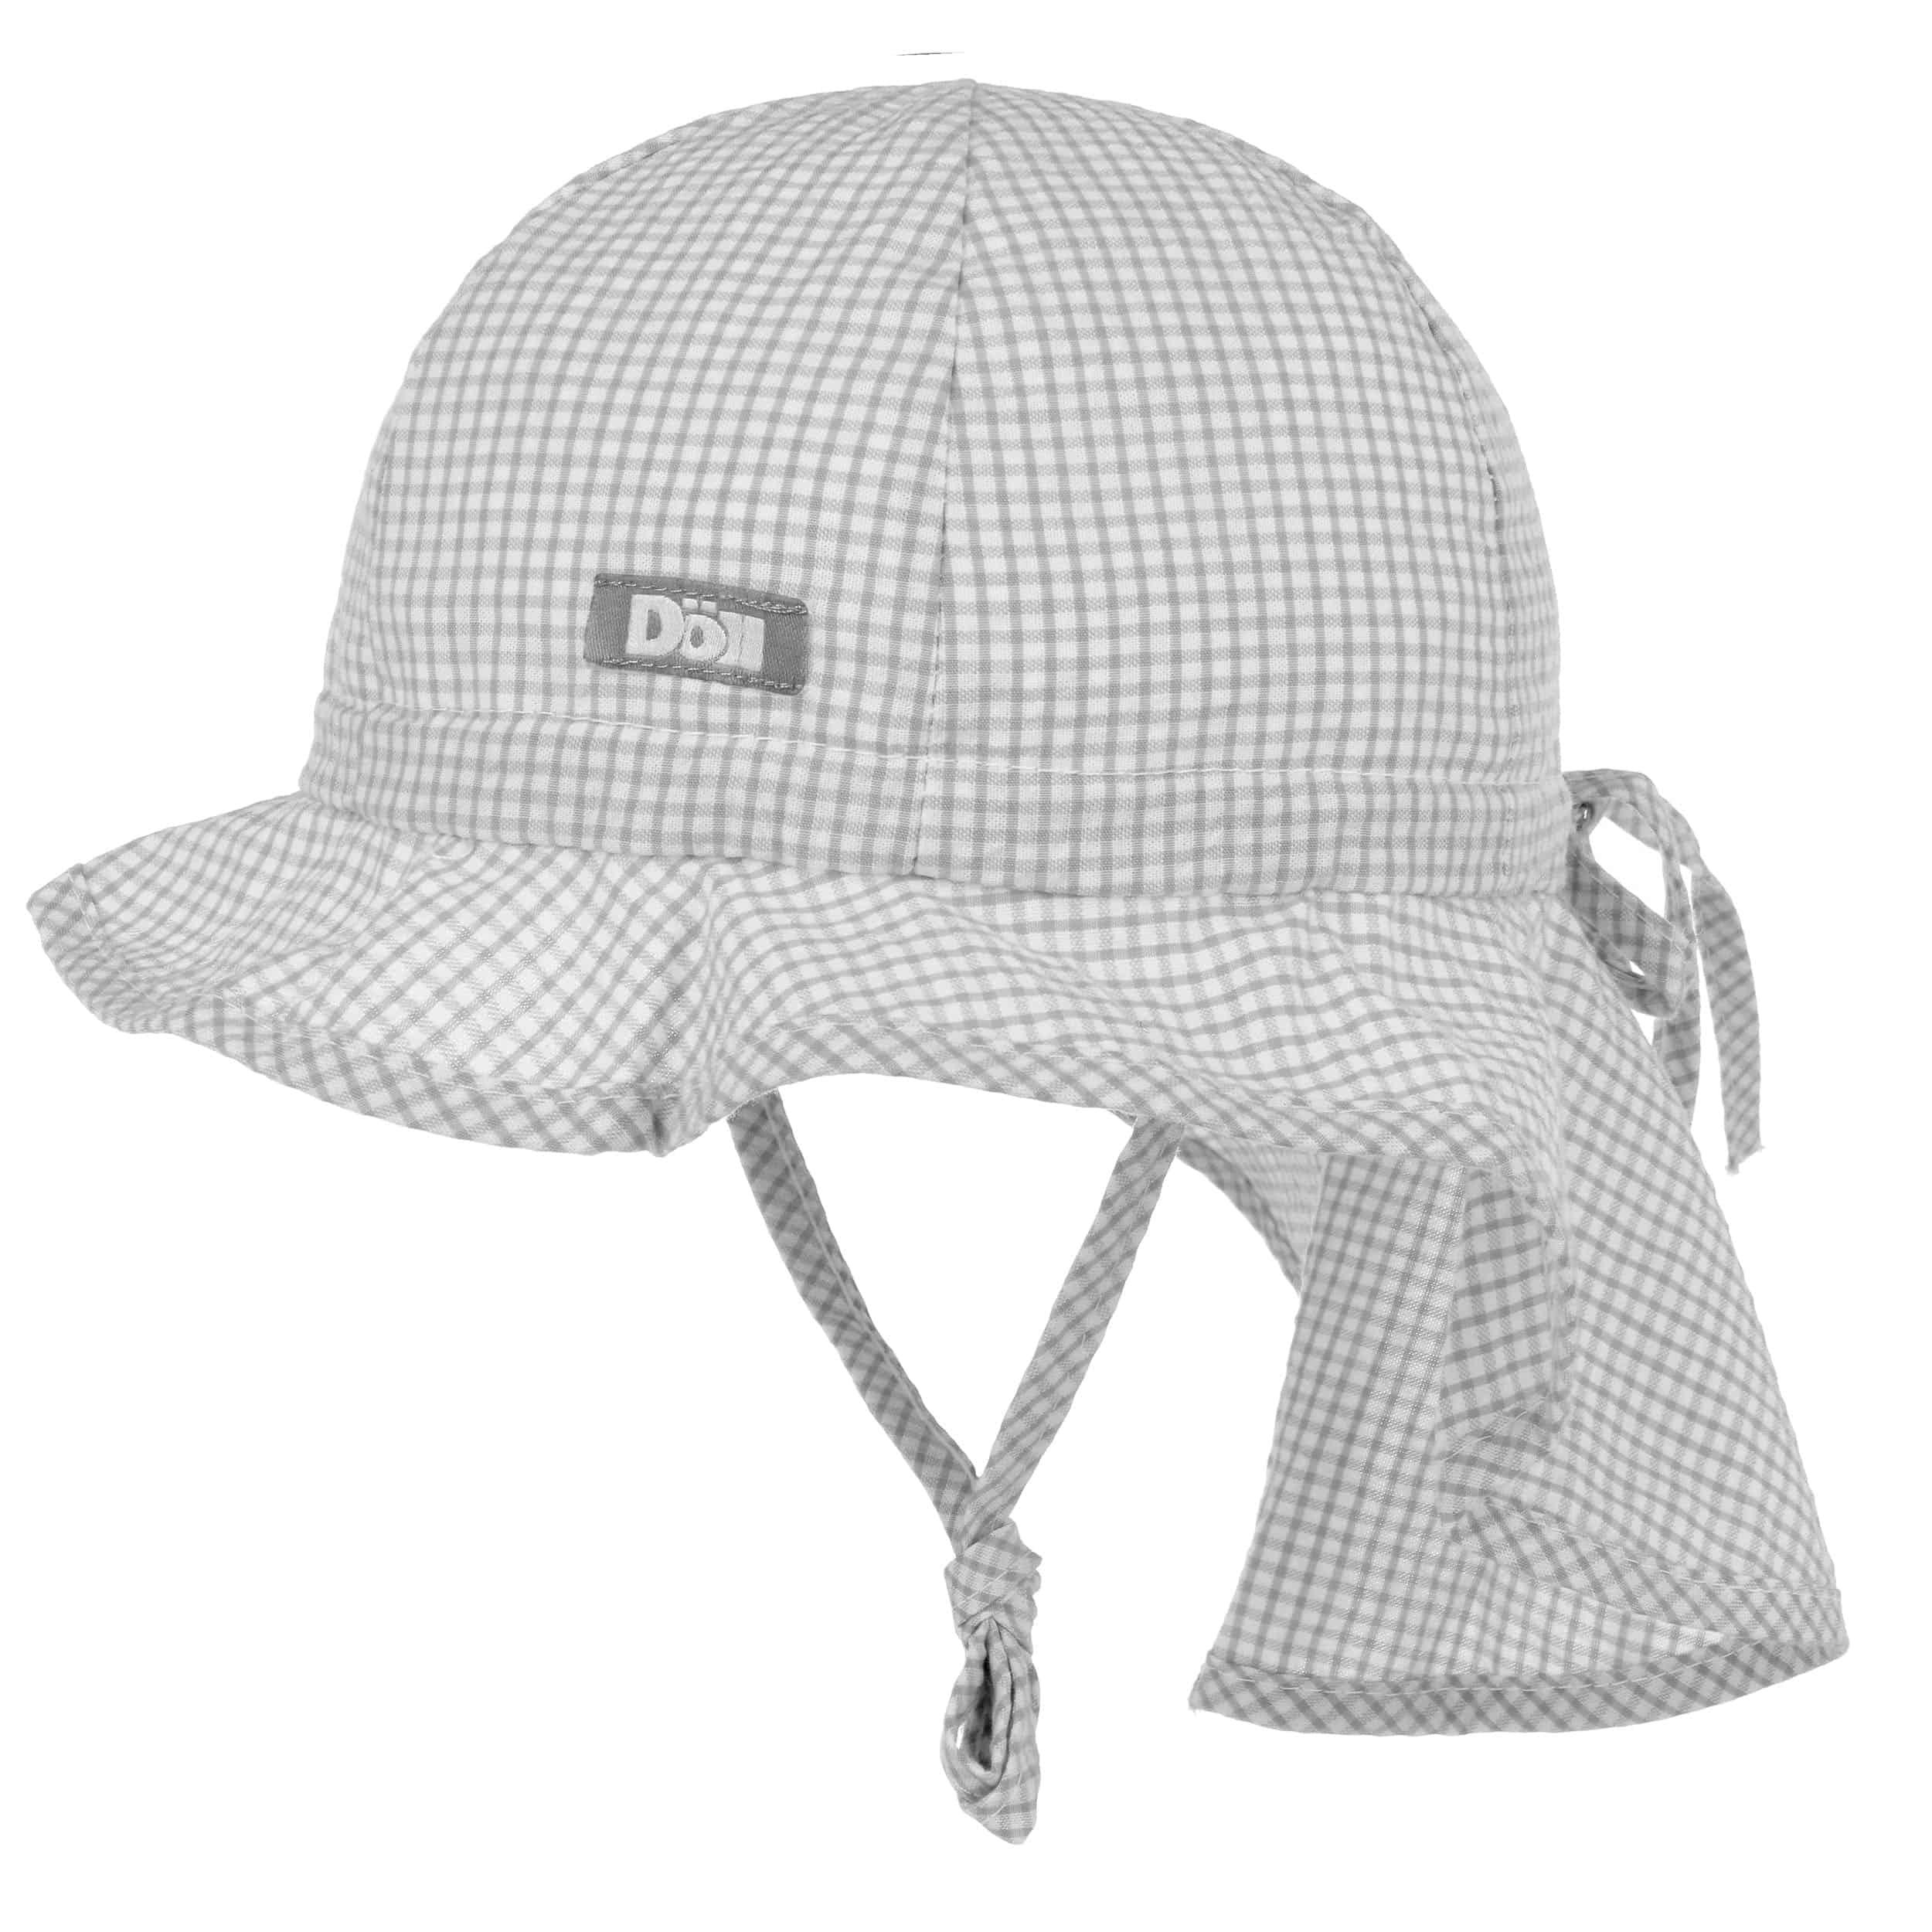 Sombrero Bebé Karoly con Cubrenuca by Döll - Sombreros - sombreroshop.es 2bcb28cc63c9